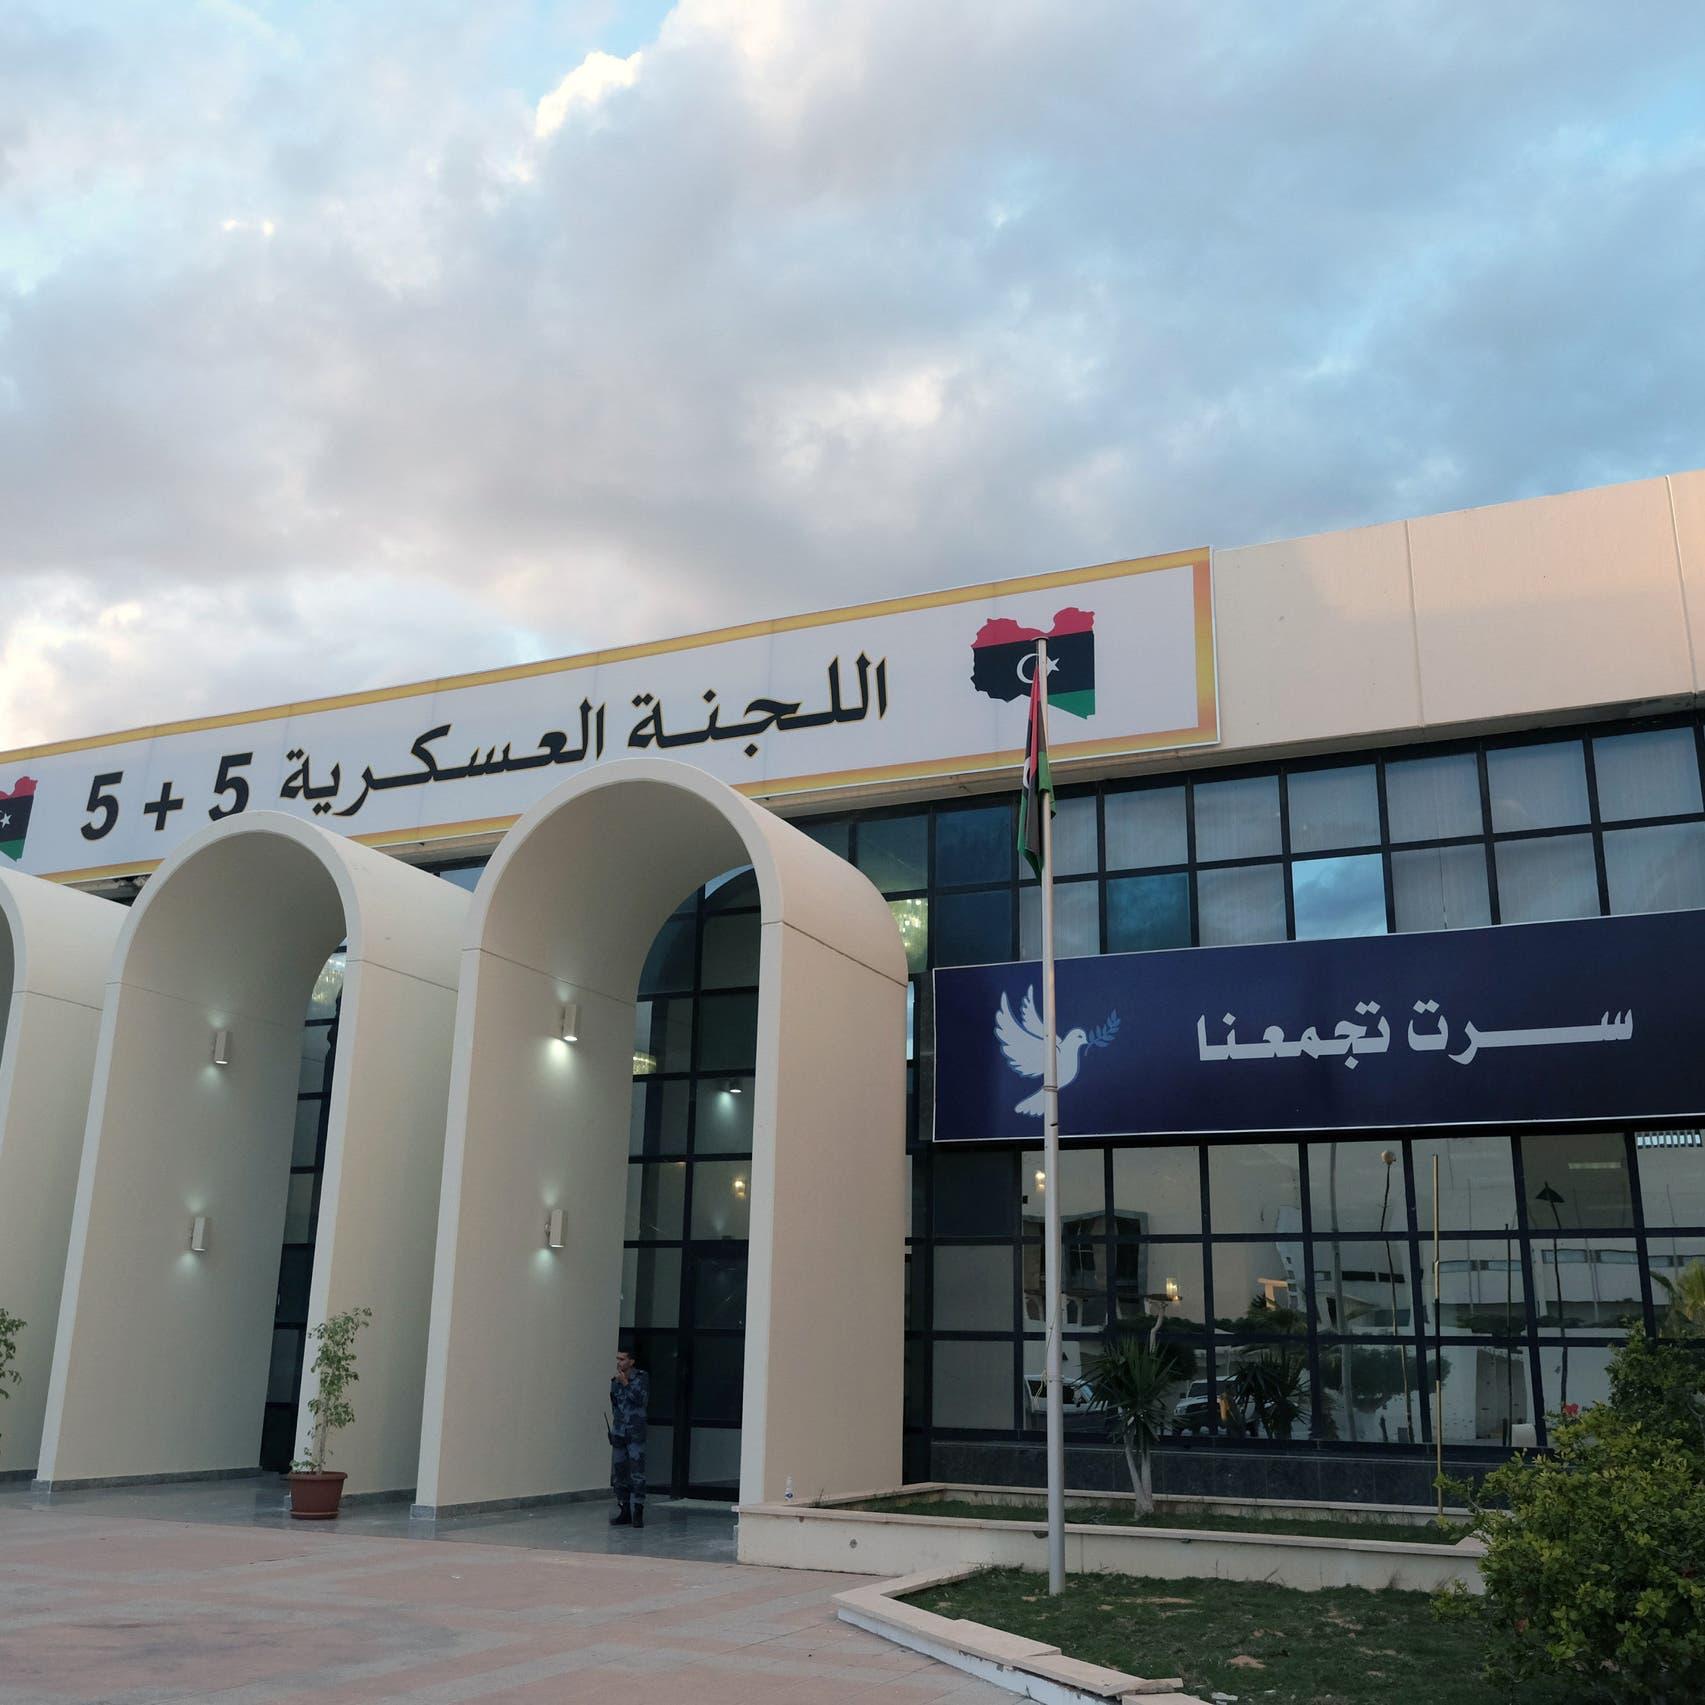 لقاء جديد في سرت.. الجيش الليبي يكشف التفاصيل